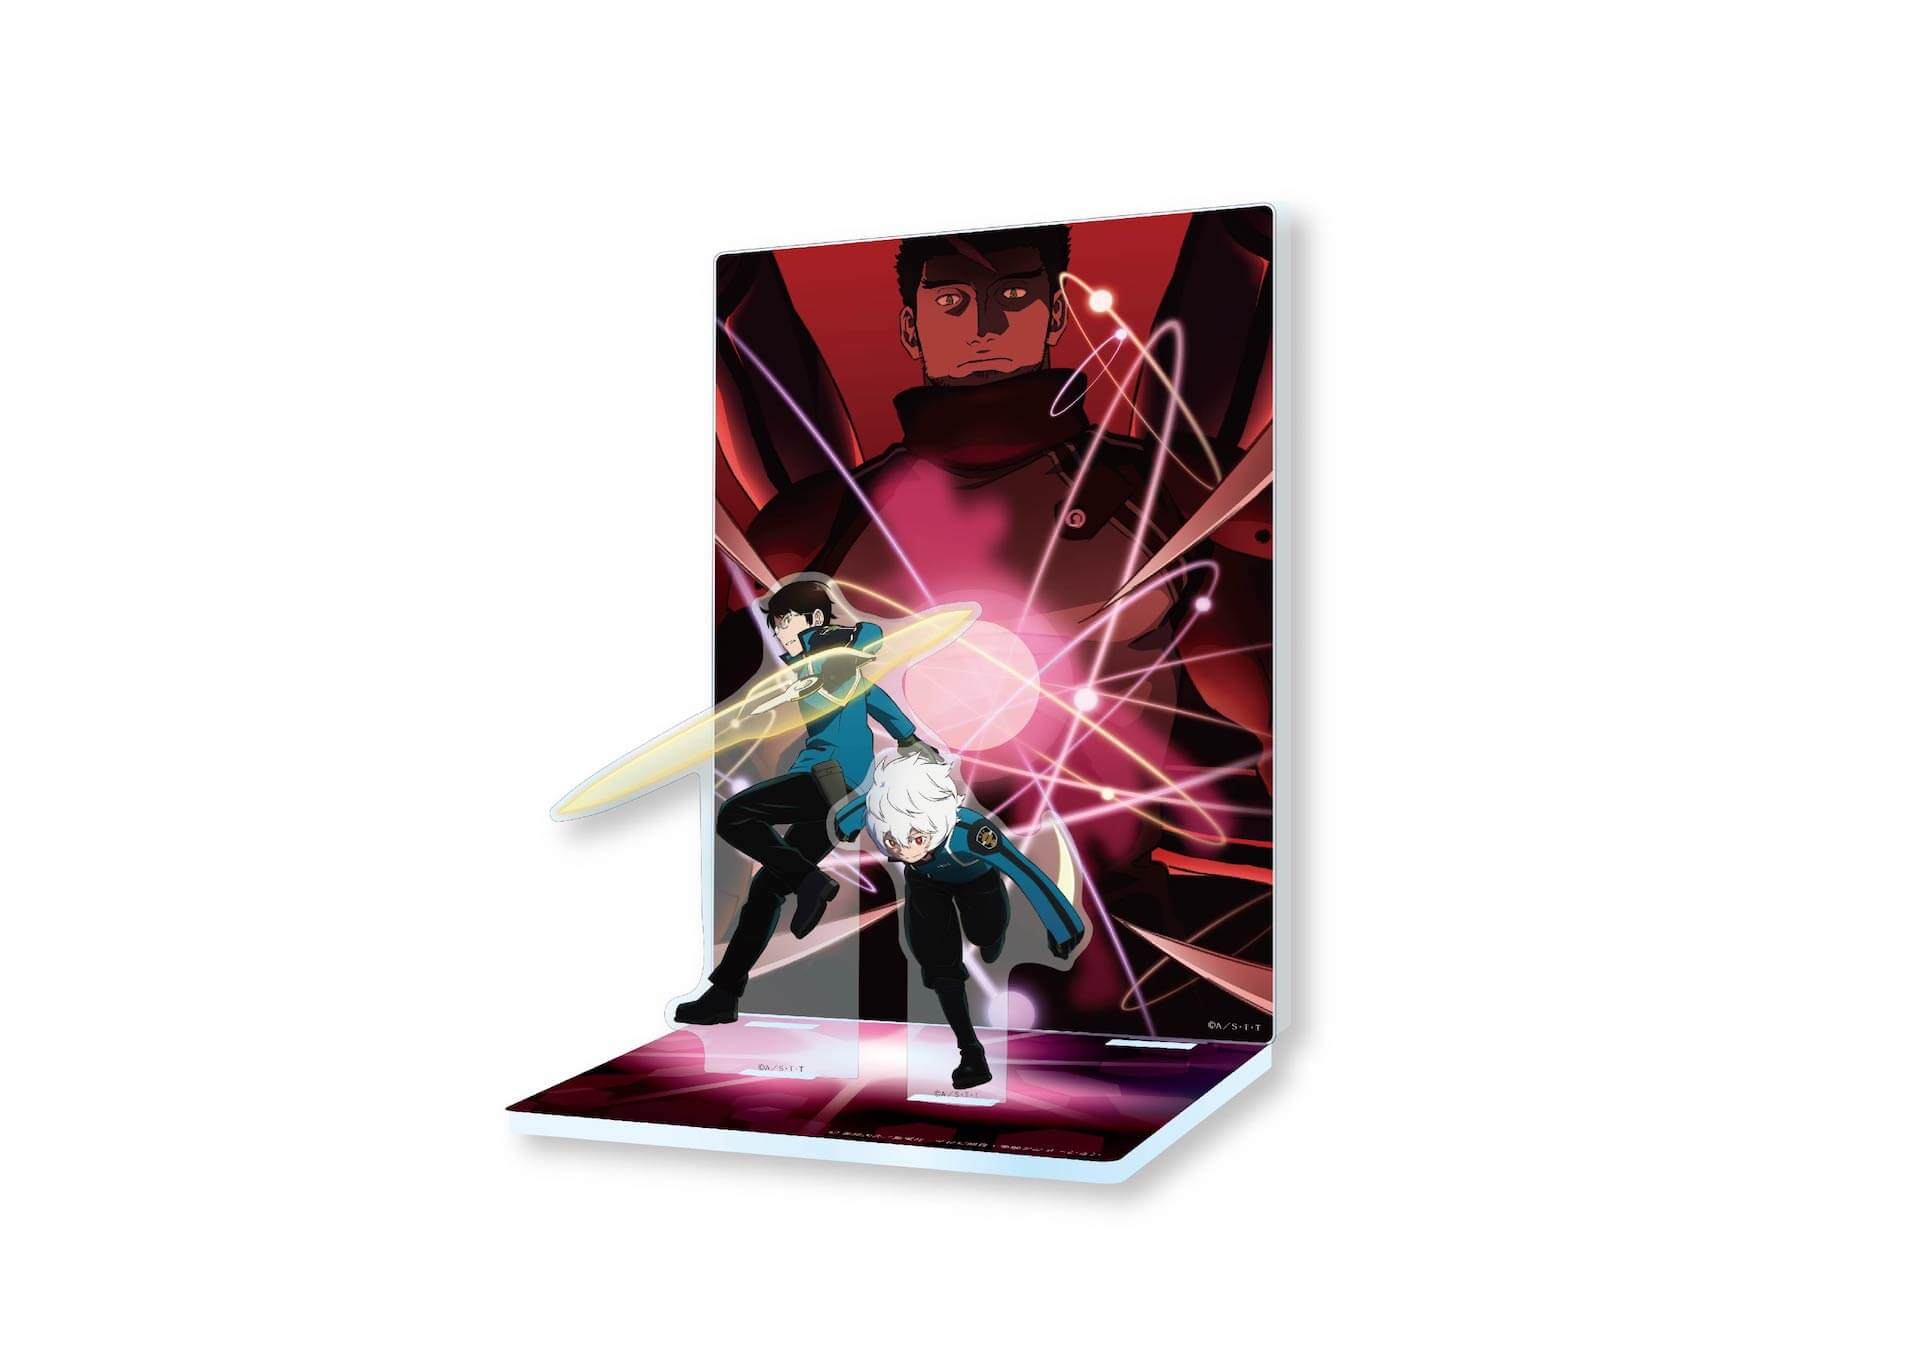 『特別上映版 ワールドトリガー 2ndシーズン』週替わりの入場者プレゼントが特製ポストカードに決定!公式パンフレット、オリジナルグッズも発売 film201210_worldtrigger_3